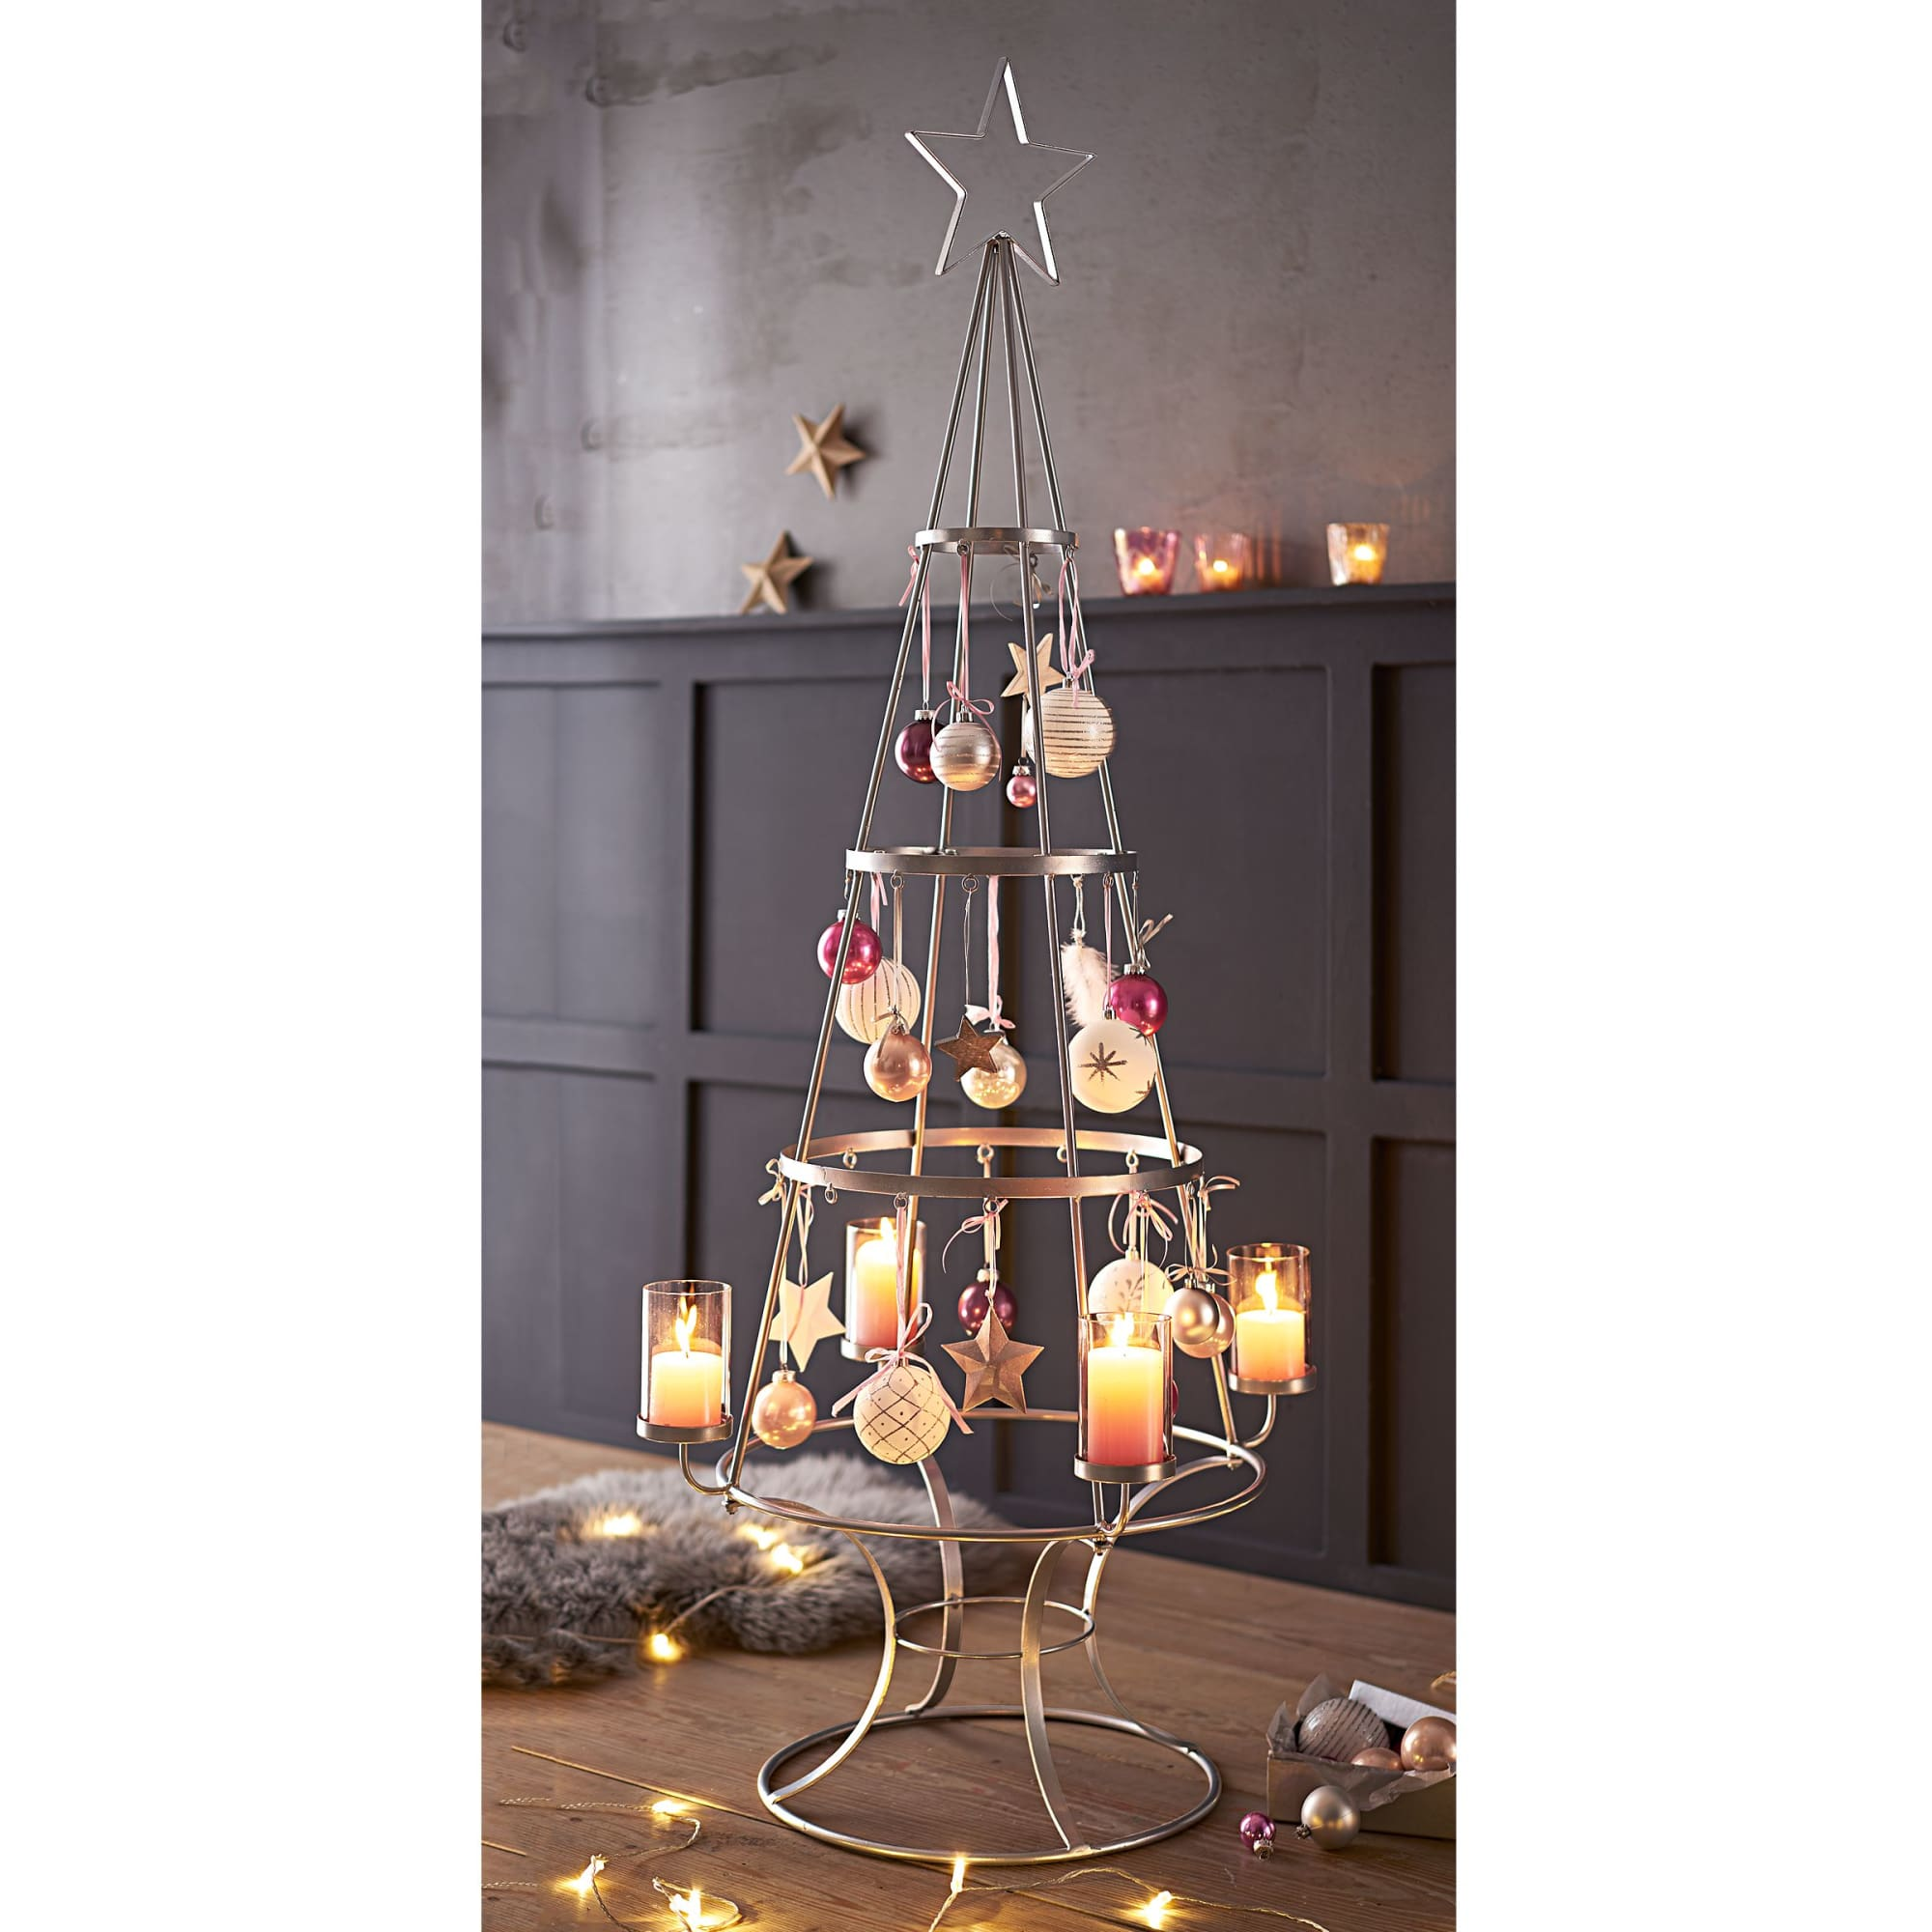 Weihnachtsbaum Metall.Deko Objekt Weihnachtsbaum Metall Glas Ca H150 Cm